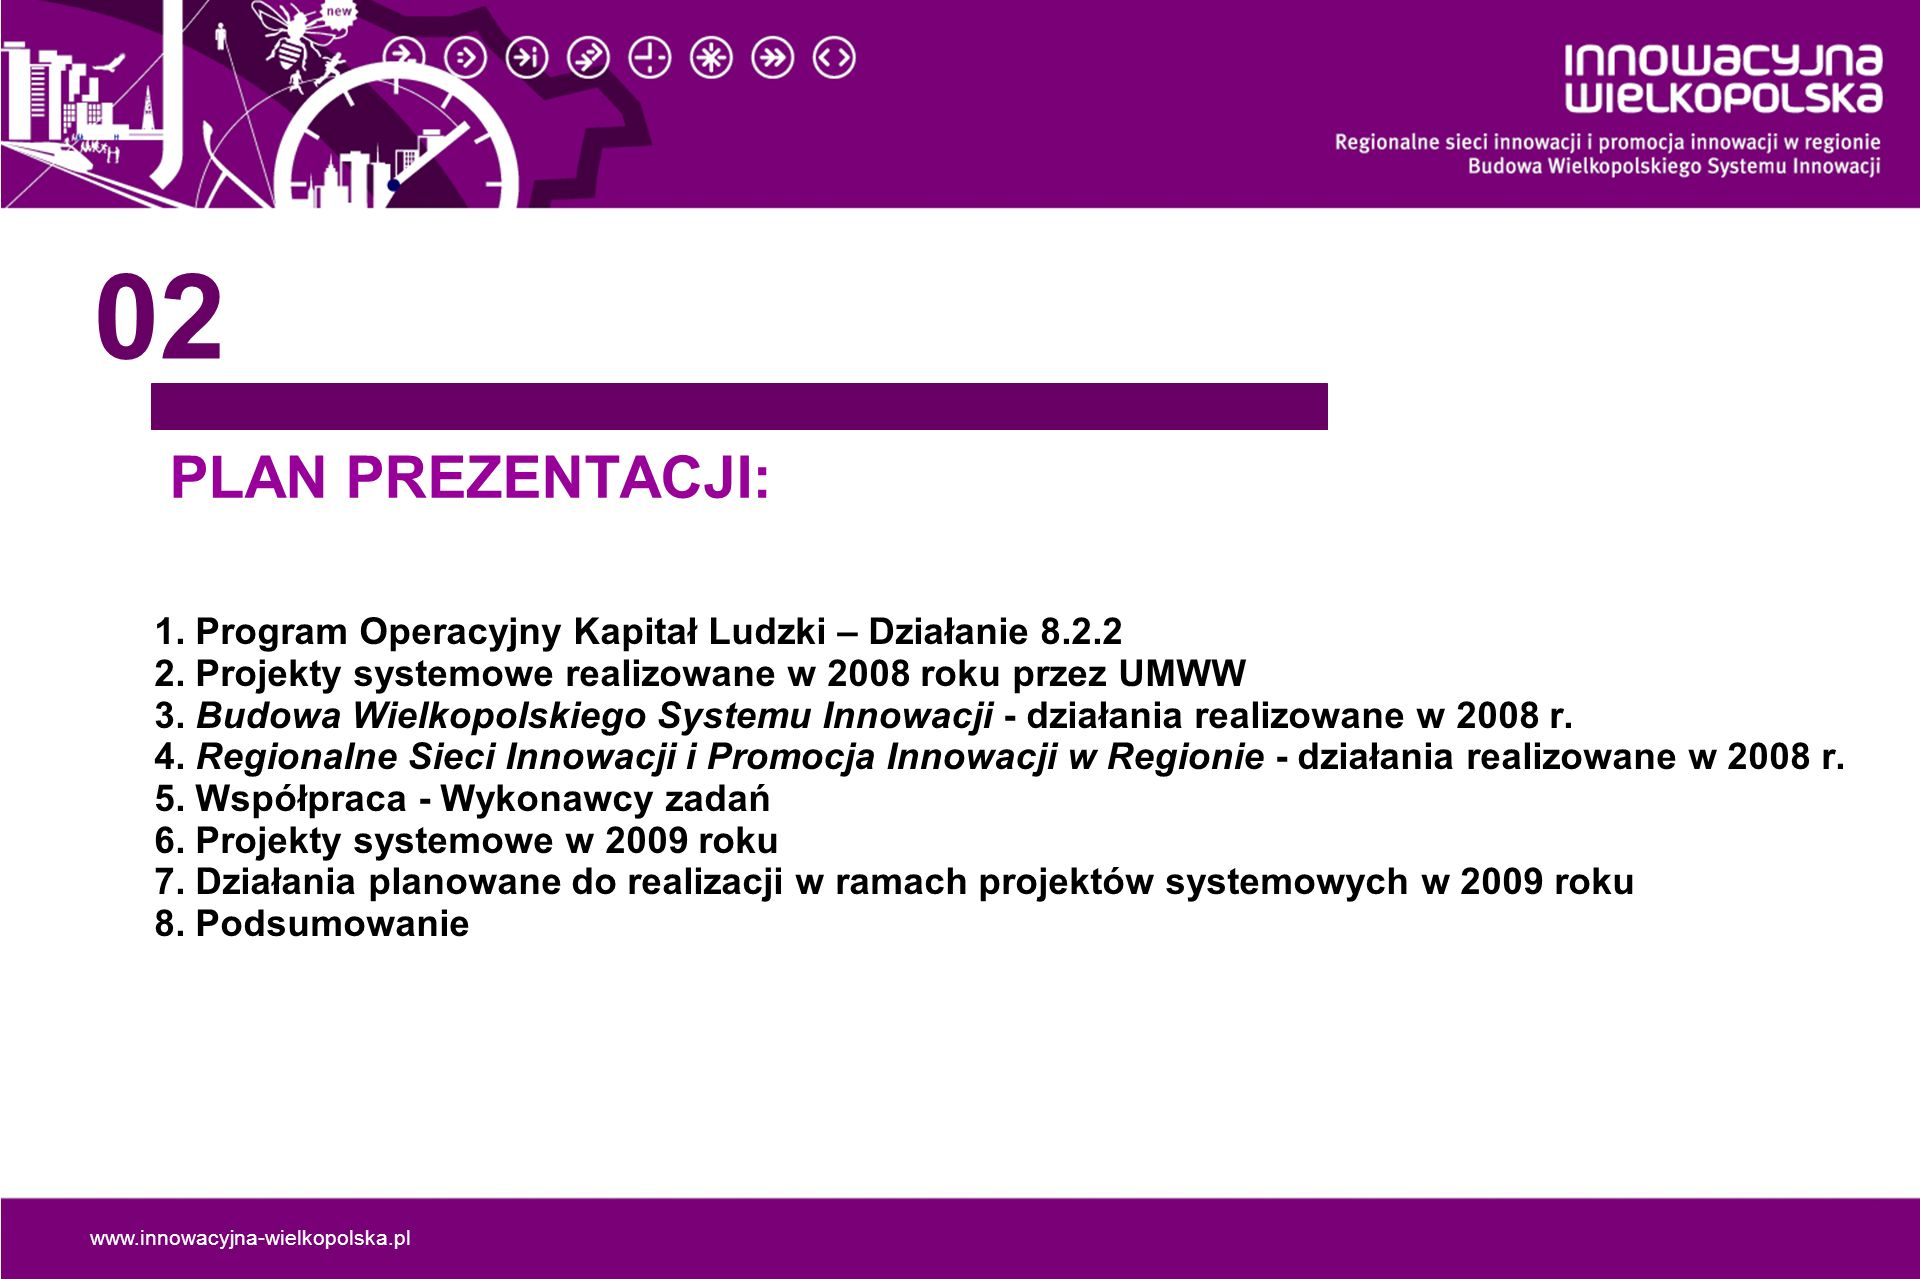 02 PLAN PREZENTACJI: 1. Program Operacyjny Kapitał Ludzki – Działanie 8.2.2. 2. Projekty systemowe realizowane w 2008 roku przez UMWW.